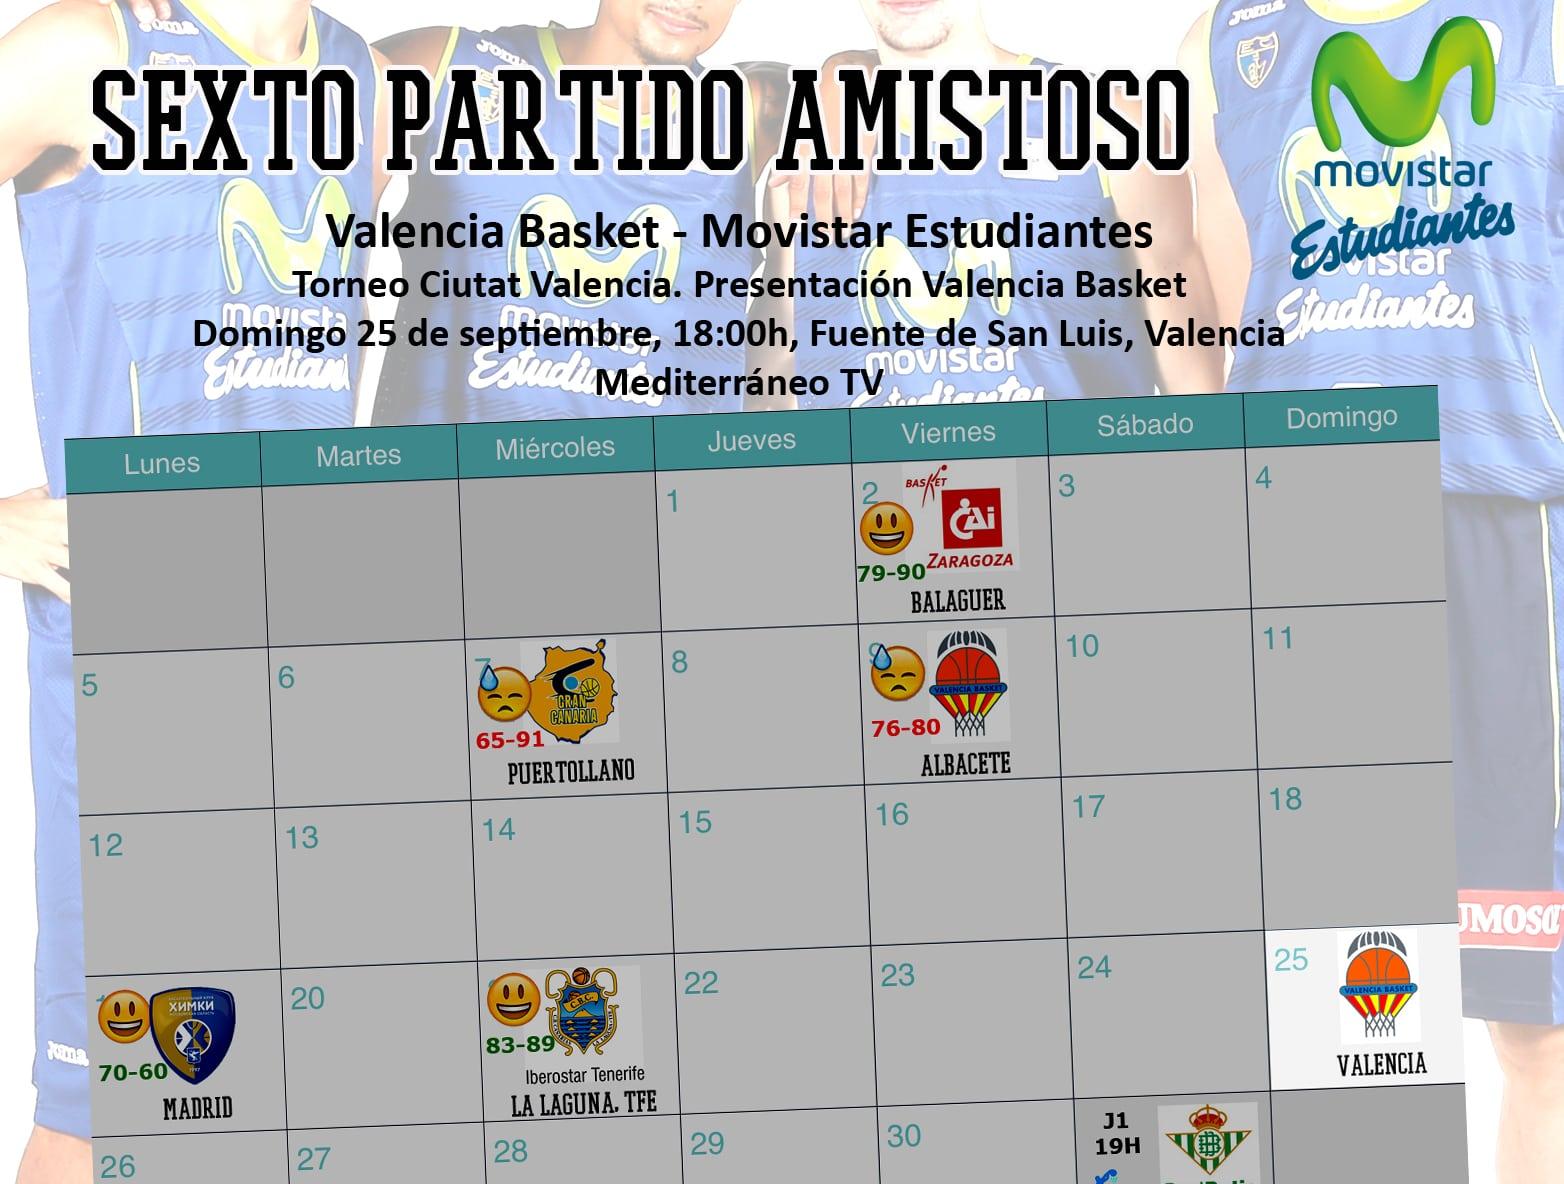 Movistar Estudiantes no quiere ser invitado de piedra en la presentación de Valencia Basket (domingo 25, 17:40h, TV Mediterráneo)